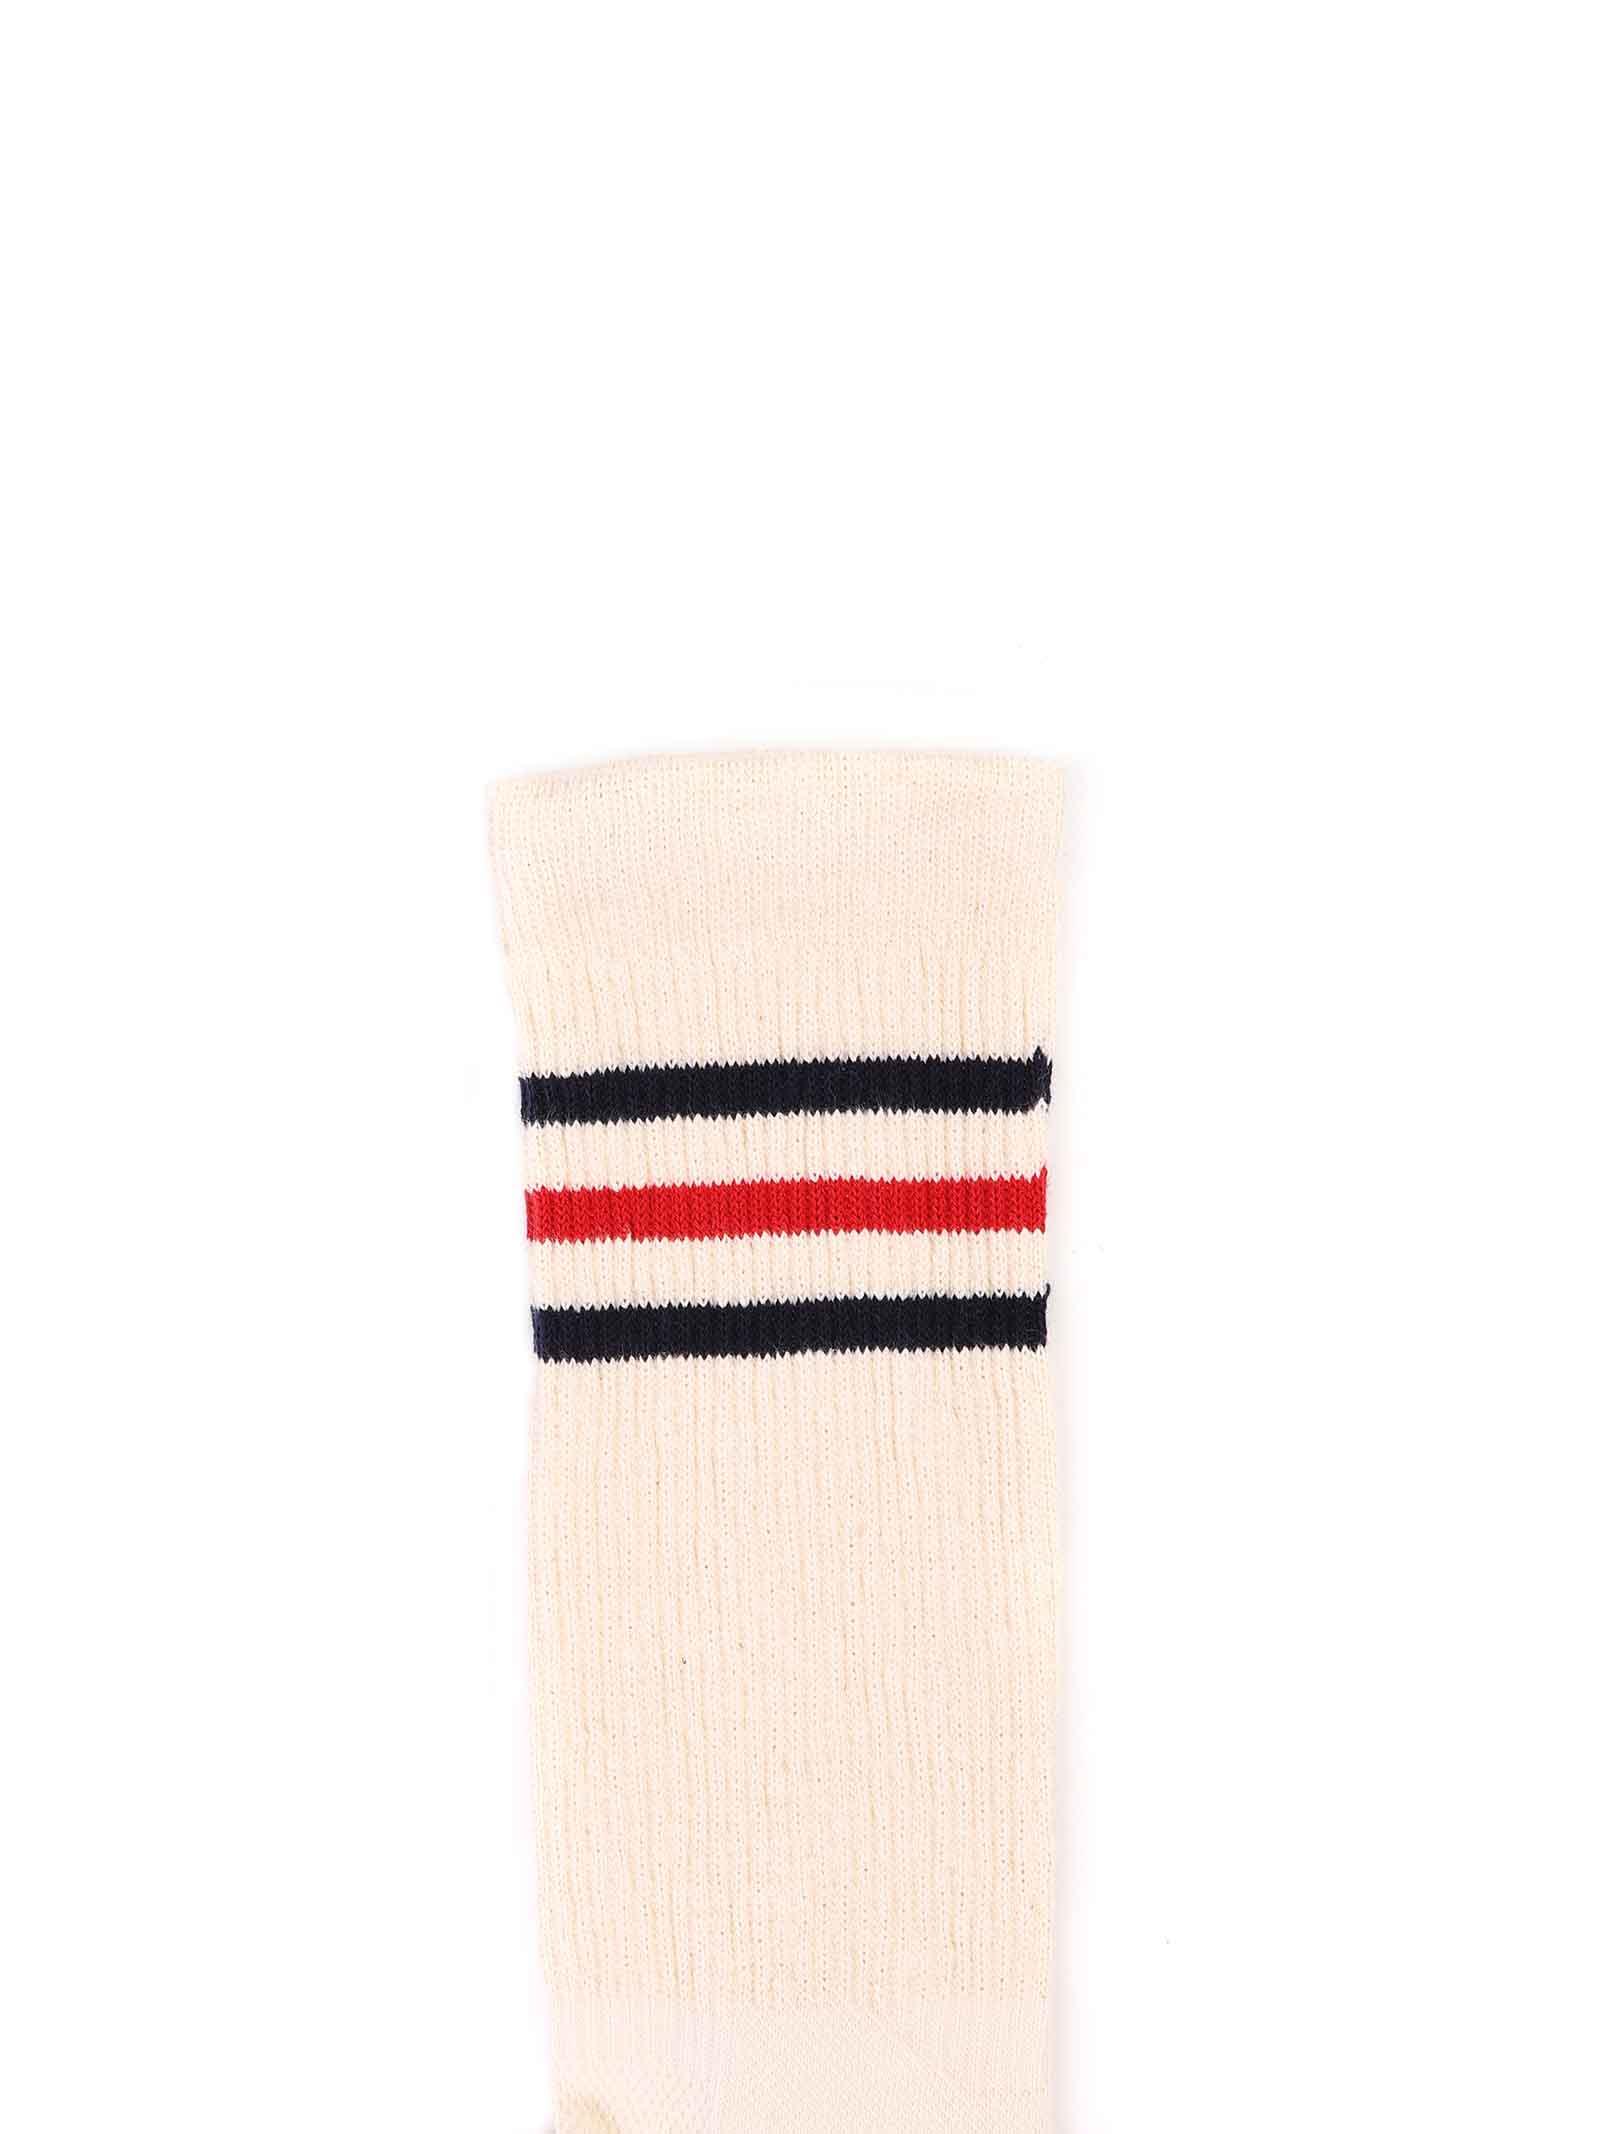 calzini avorio con strisce blu e rosse Gucci | Calzini | 630516 4K4289268